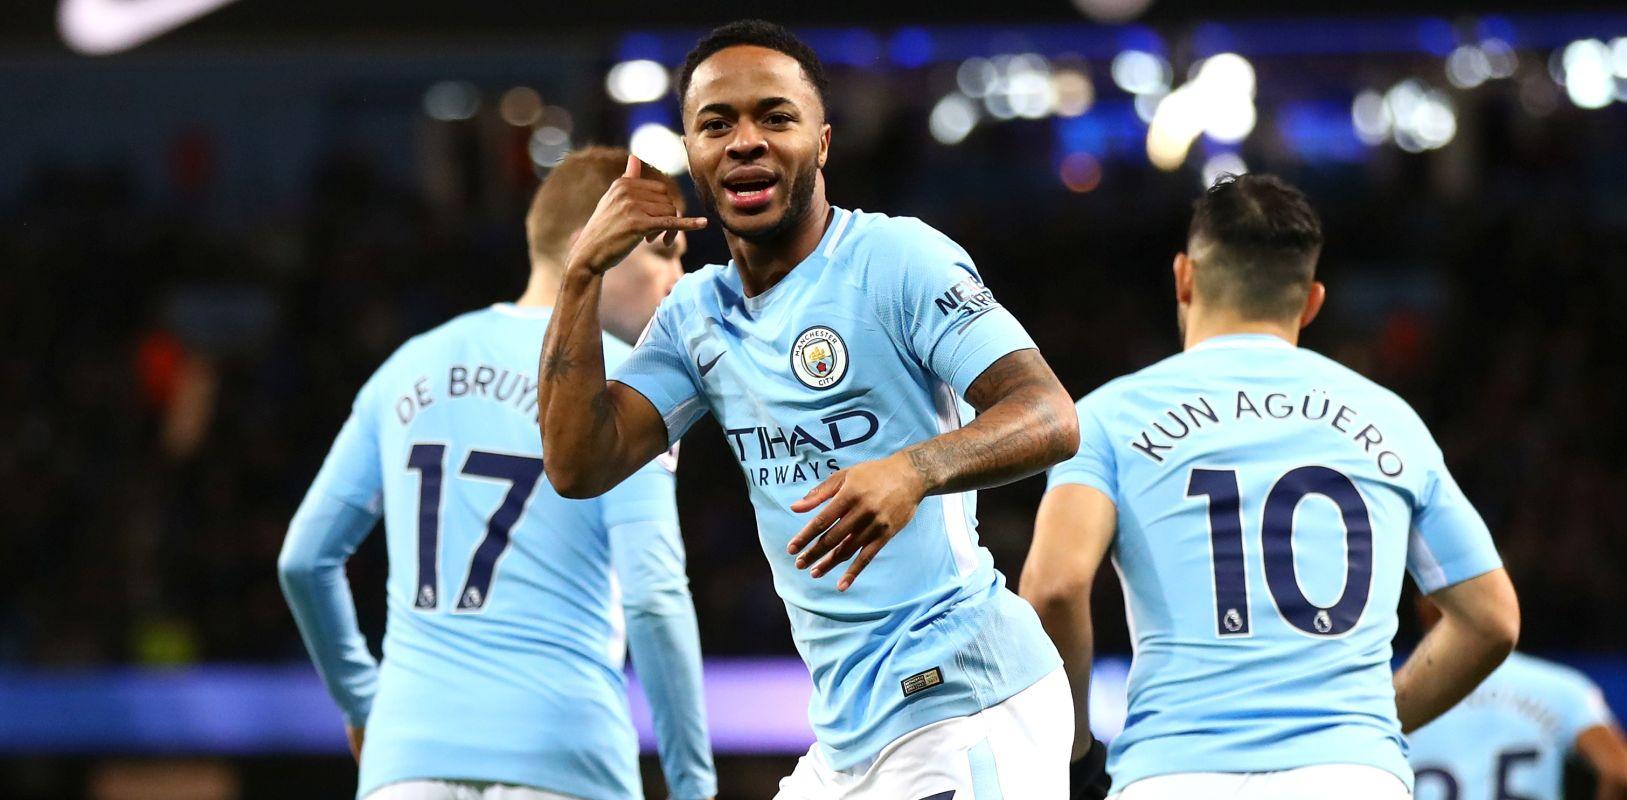 Những ngôi sao từng khoác áo cả Liverpool và Man City: Không thể vẹn toàn - Bóng Đá